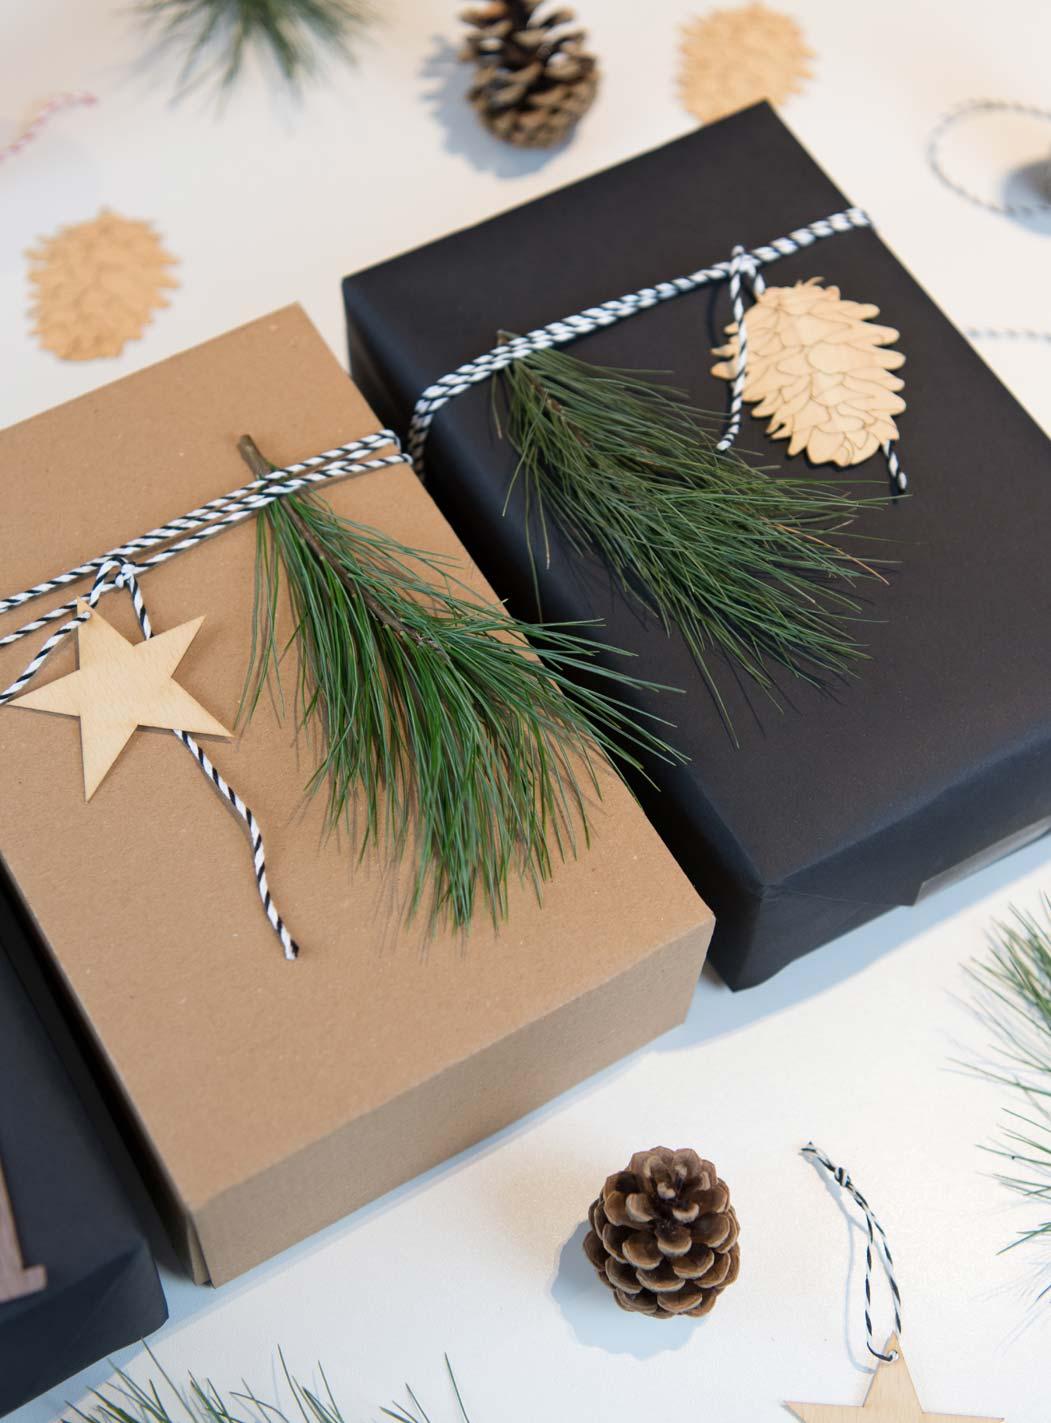 Geschenke verpacken zur Weihnachtszeit